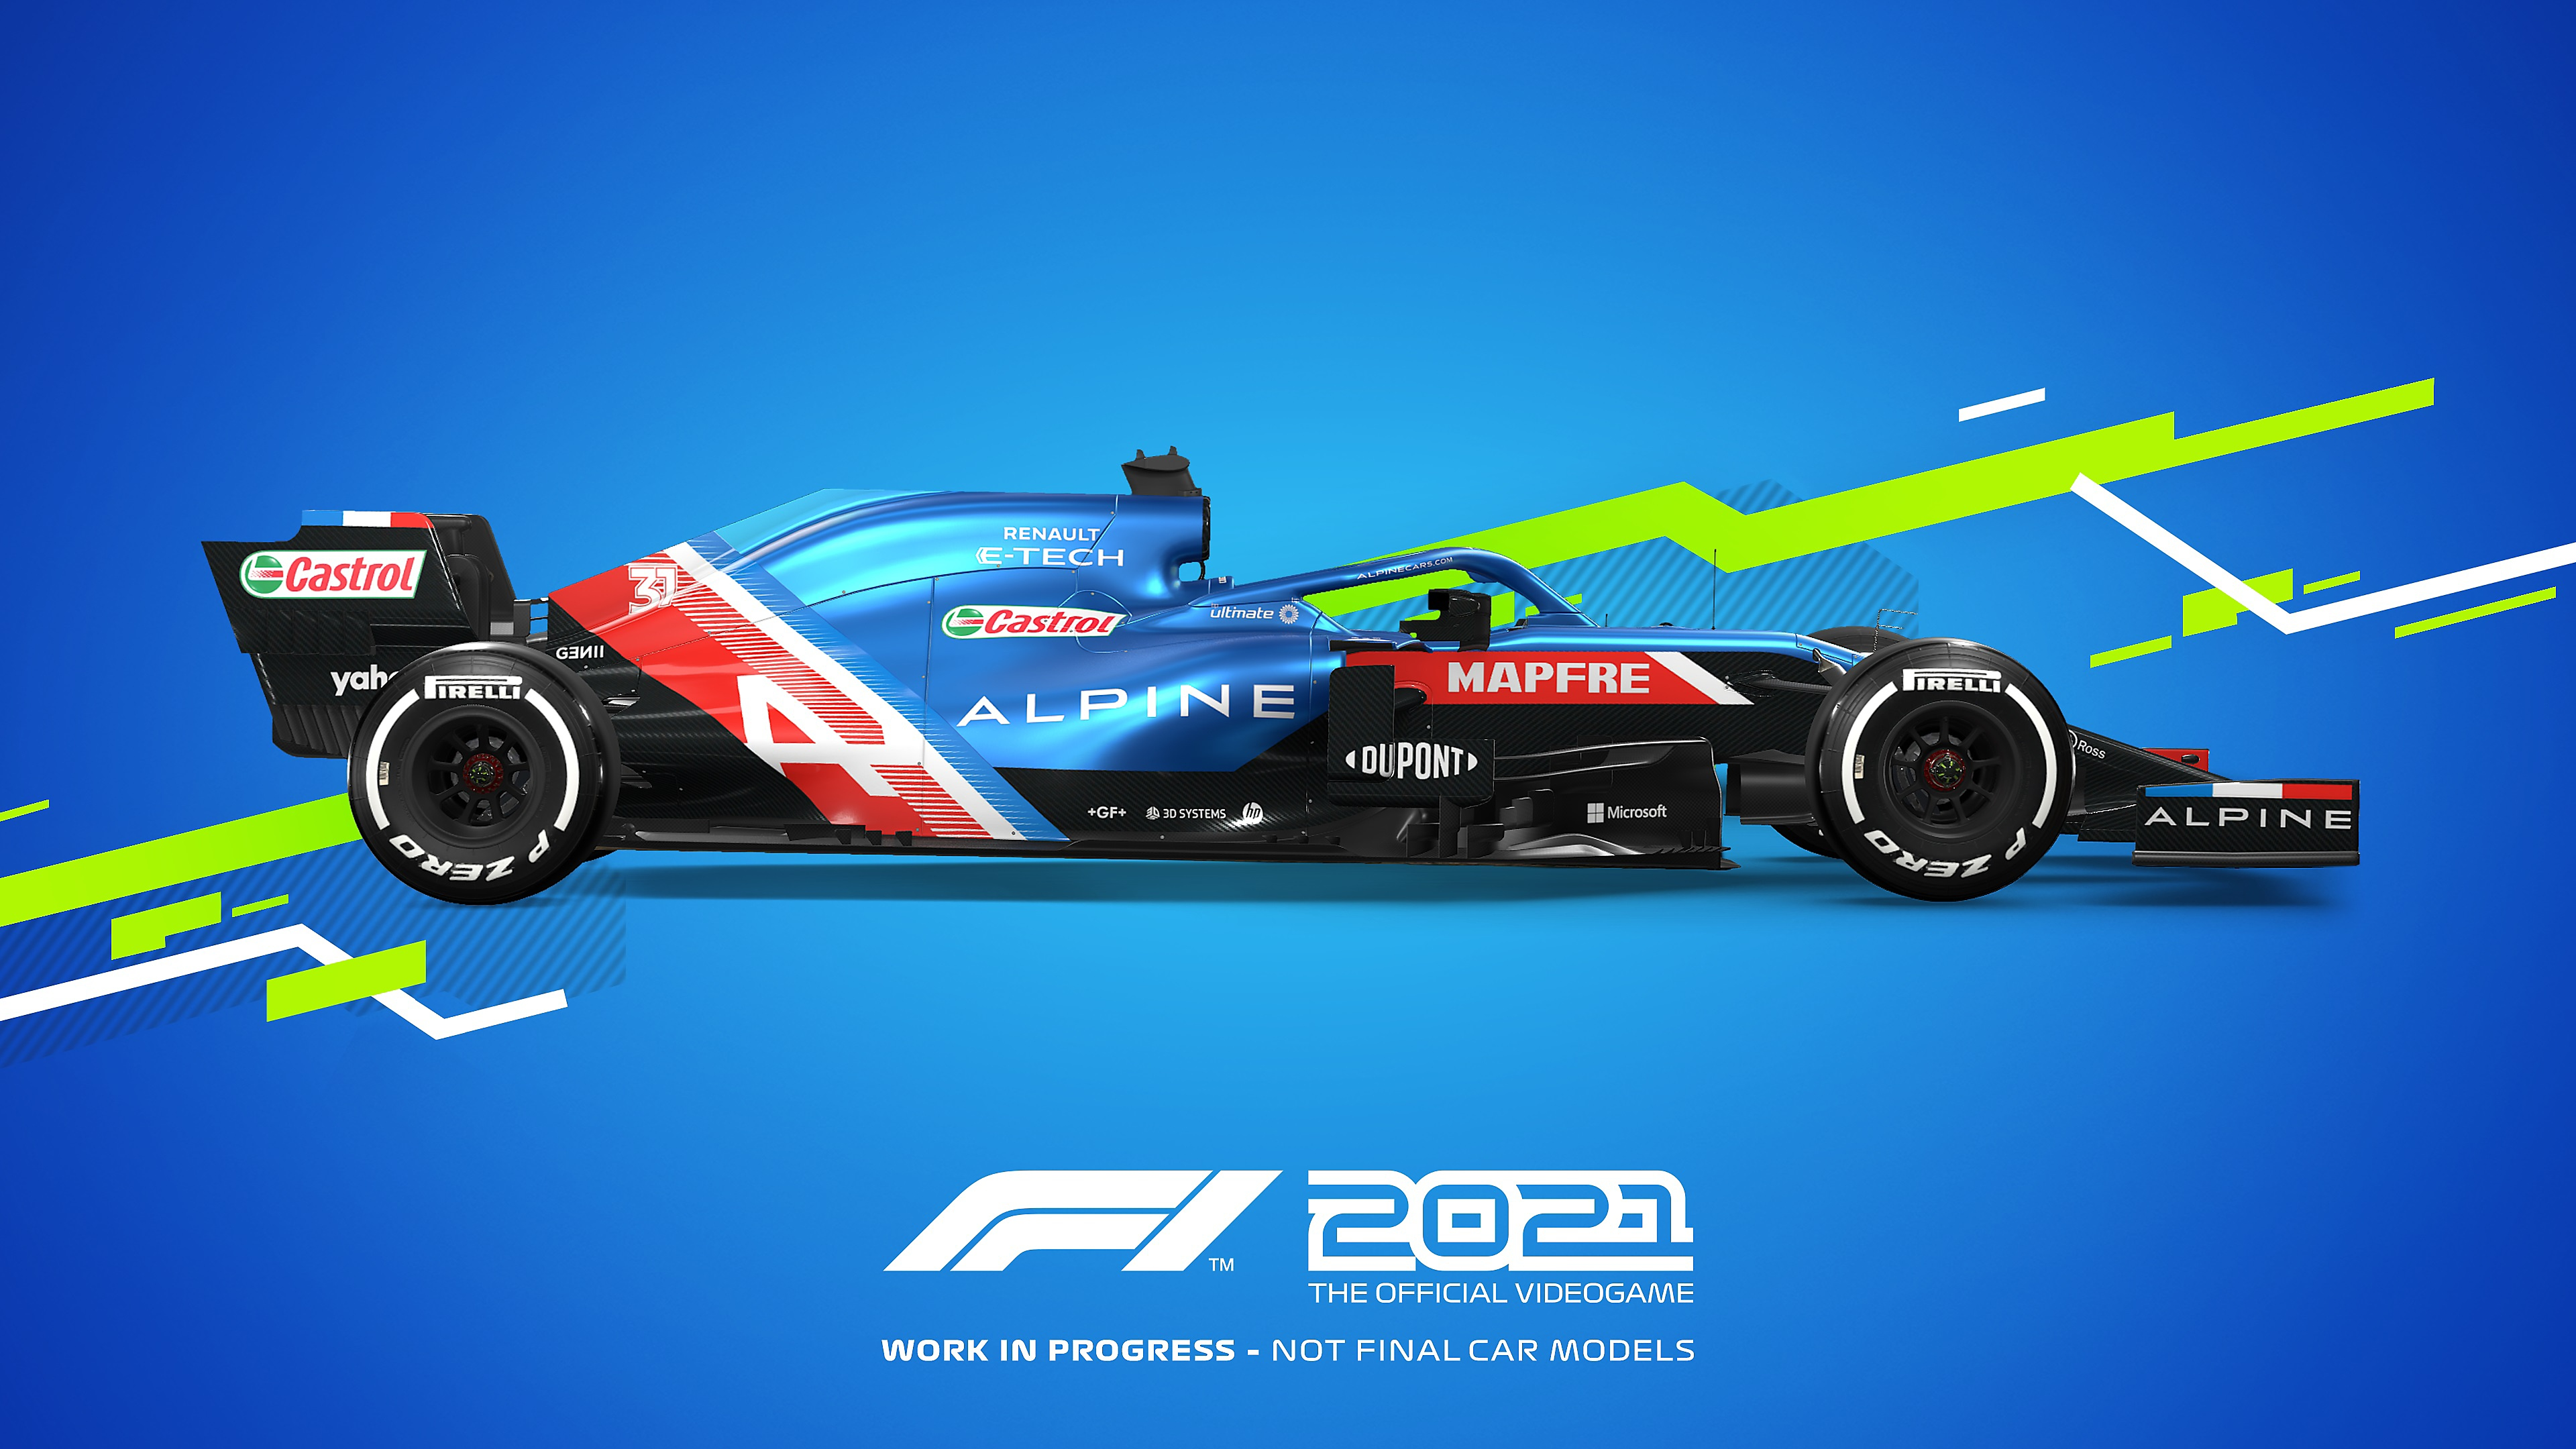 Colores distintivos de autos de juego F1 2021 - Alpine